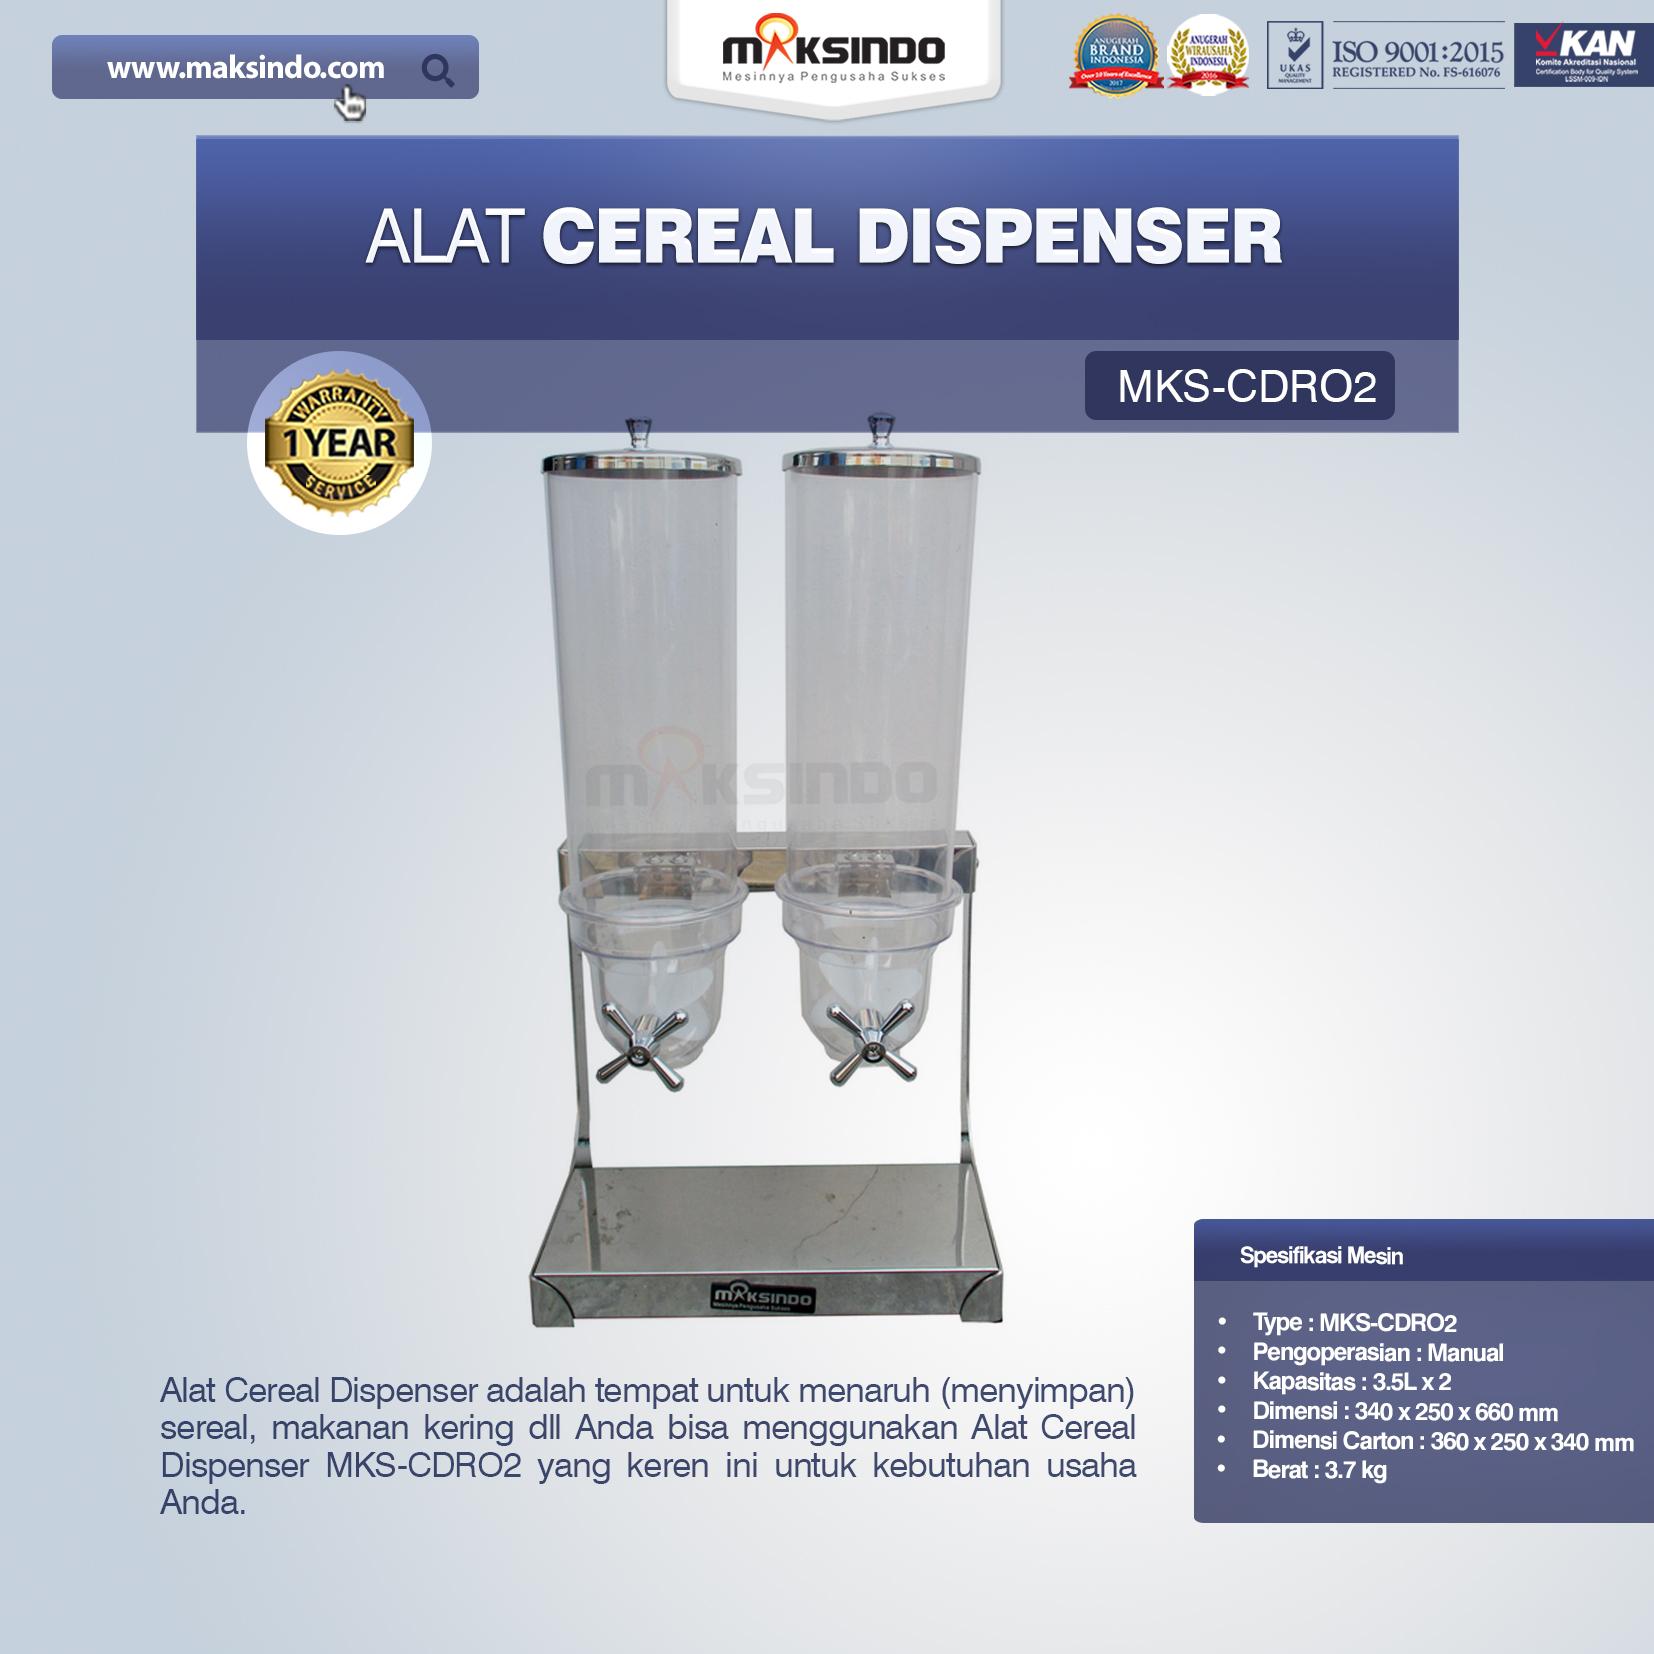 Jual Alat Cereal Dispenser MKS-CDR02 di Tangerang